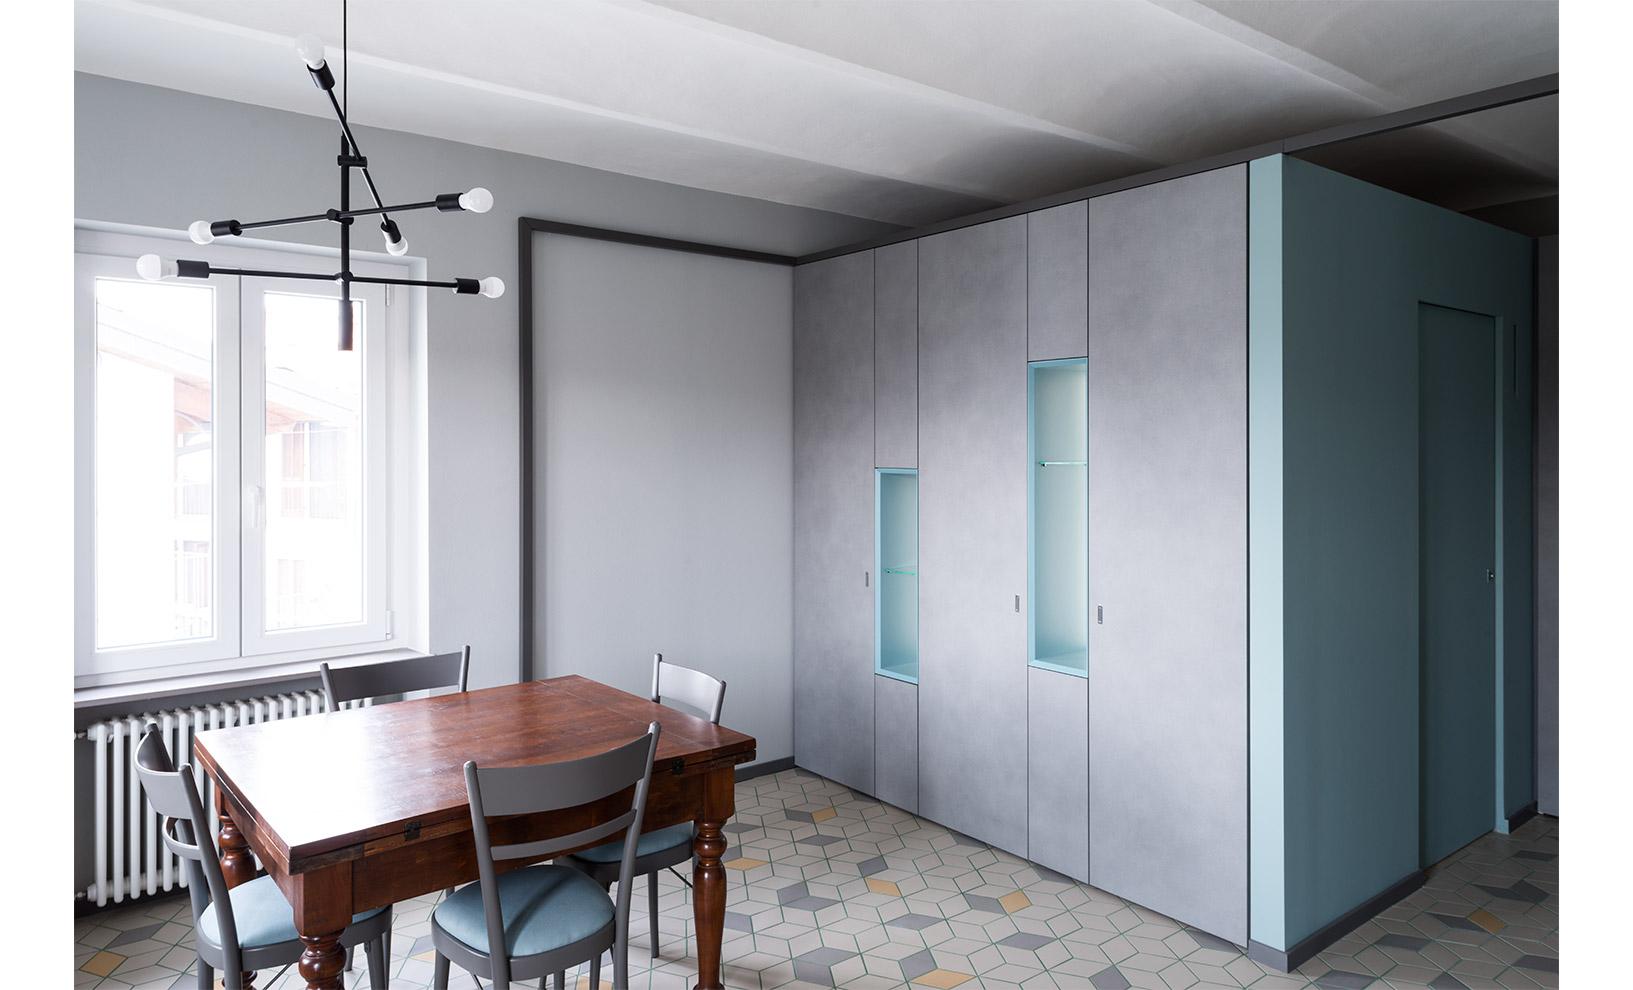 marco-tacchini-fotografo-architettura-antonio-perrone-villa-fc_04